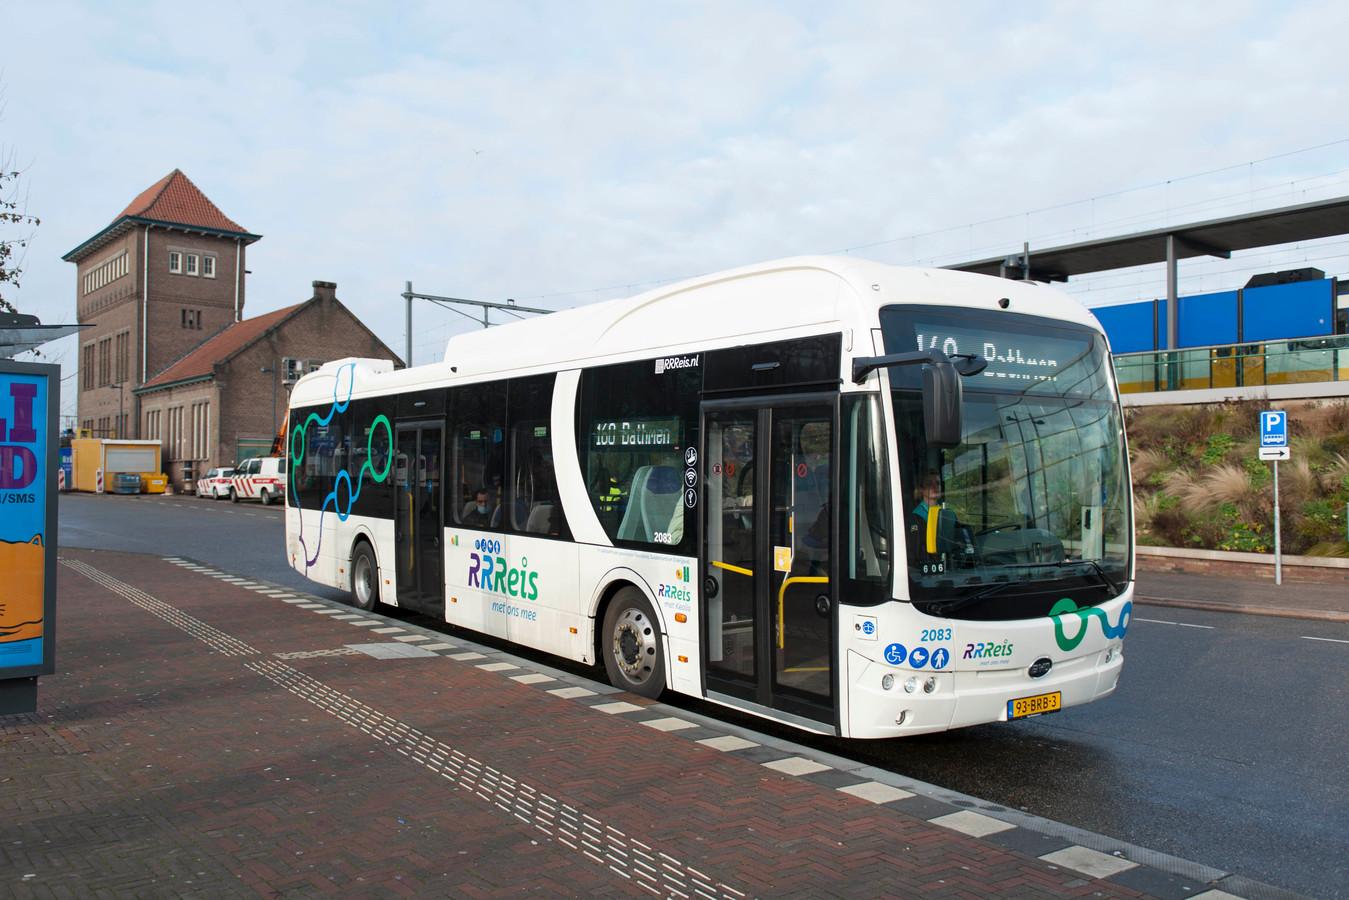 Sinds de elektrische bussen van Keolis rondrijden - zoals hier op station Deventer - kampen ze niet alleen met uit met accuproblemen maar ook met uitvallende verwarming of een defecten aan de in- en uitcheckapparatuur.